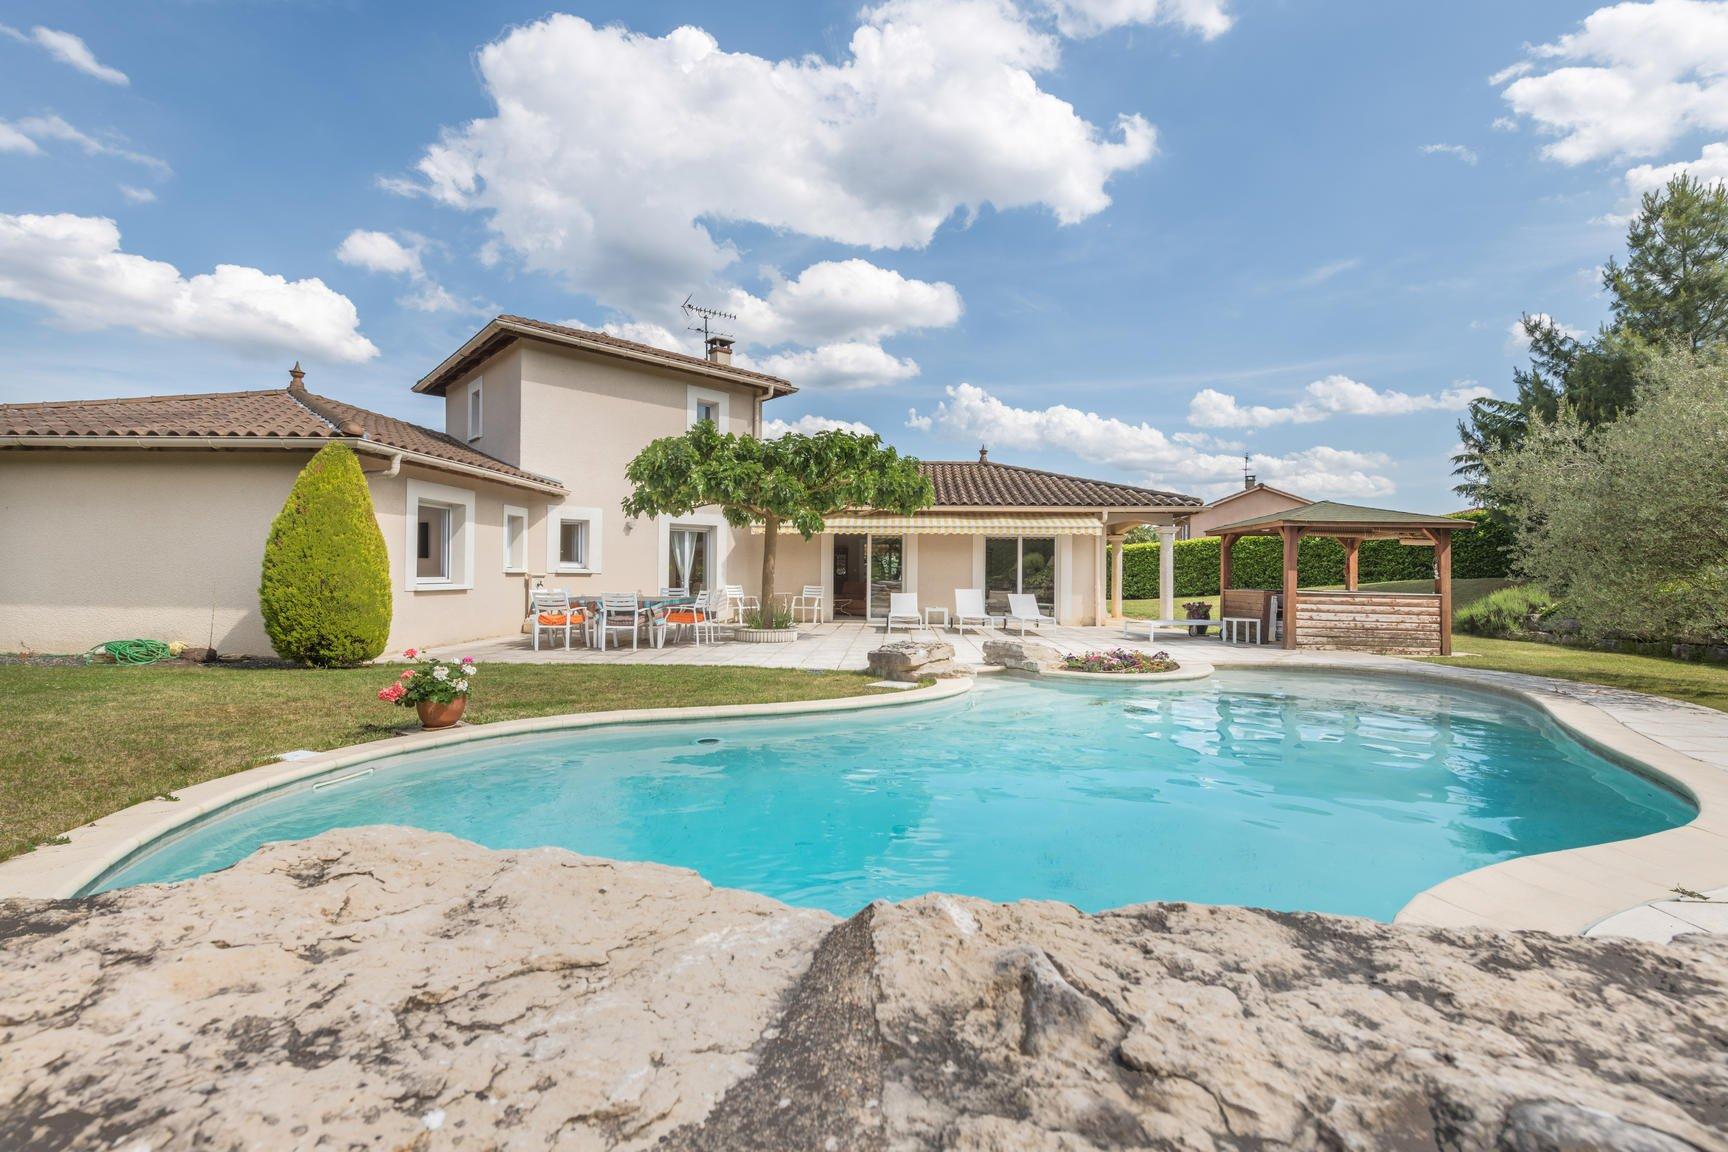 Vente Villa - Lucenay